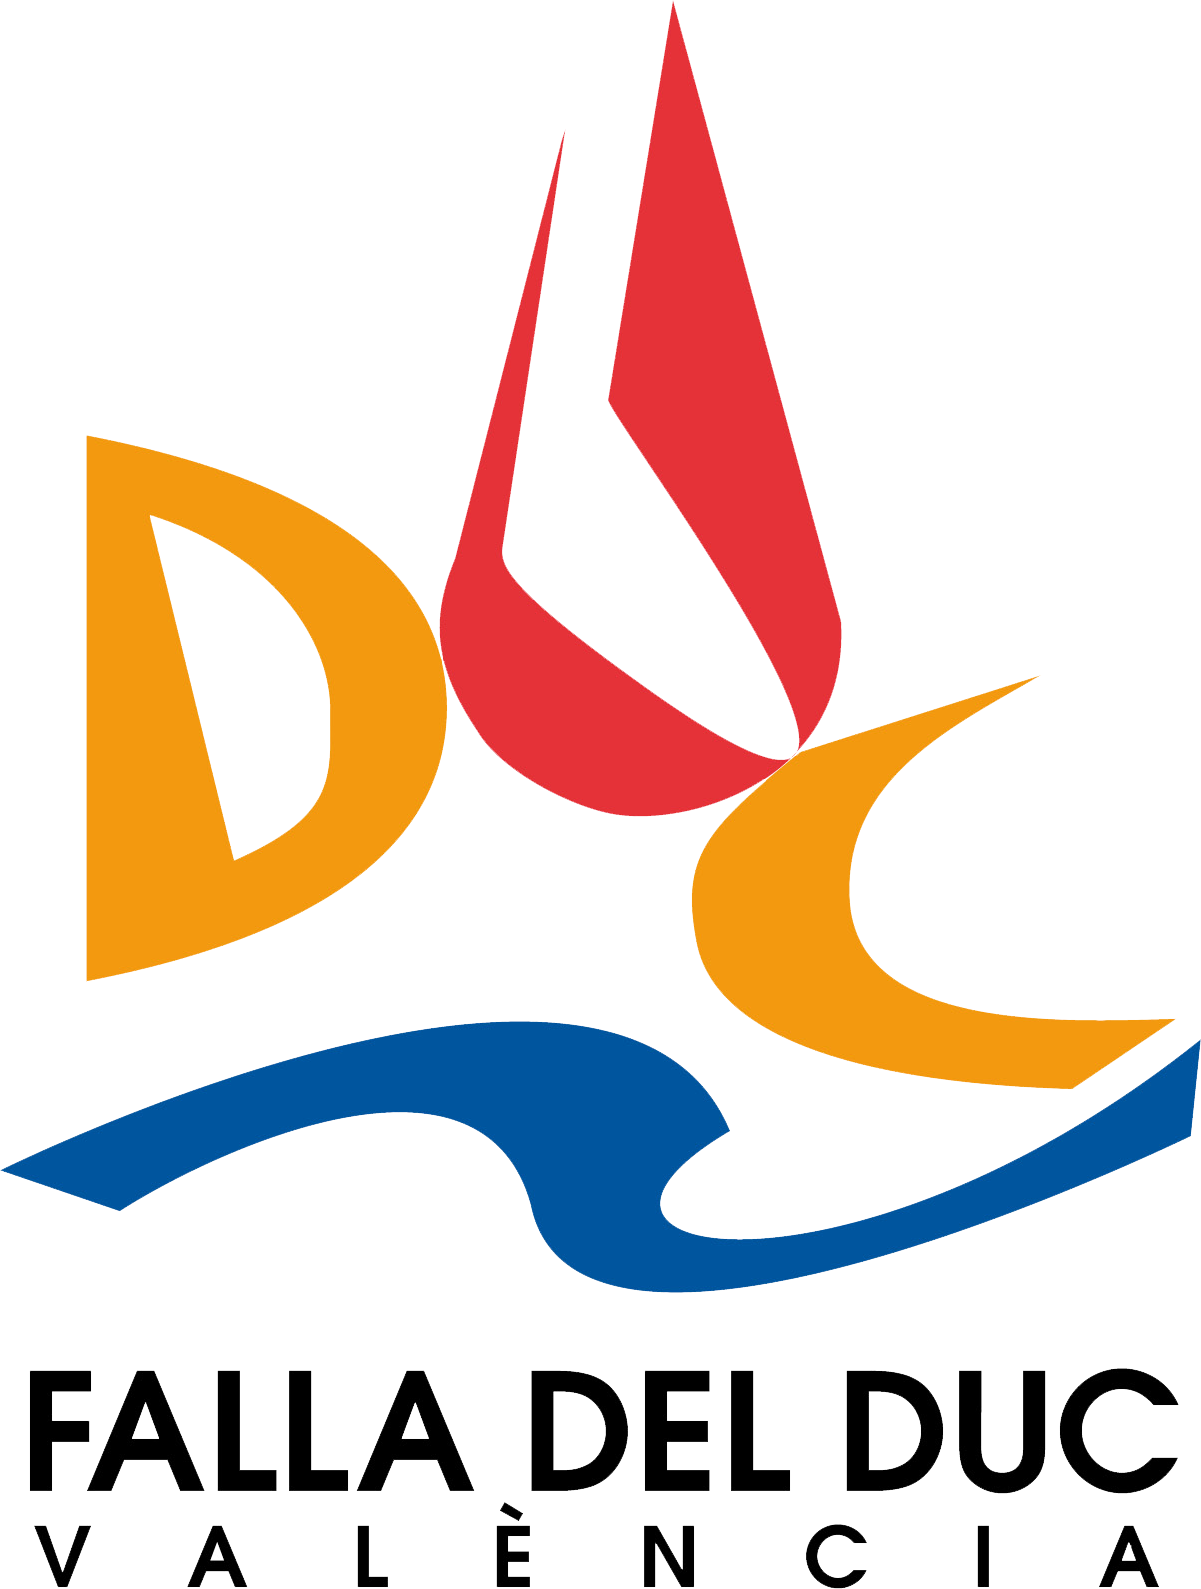 Actividades del Duc 10 y 11 de Marzo